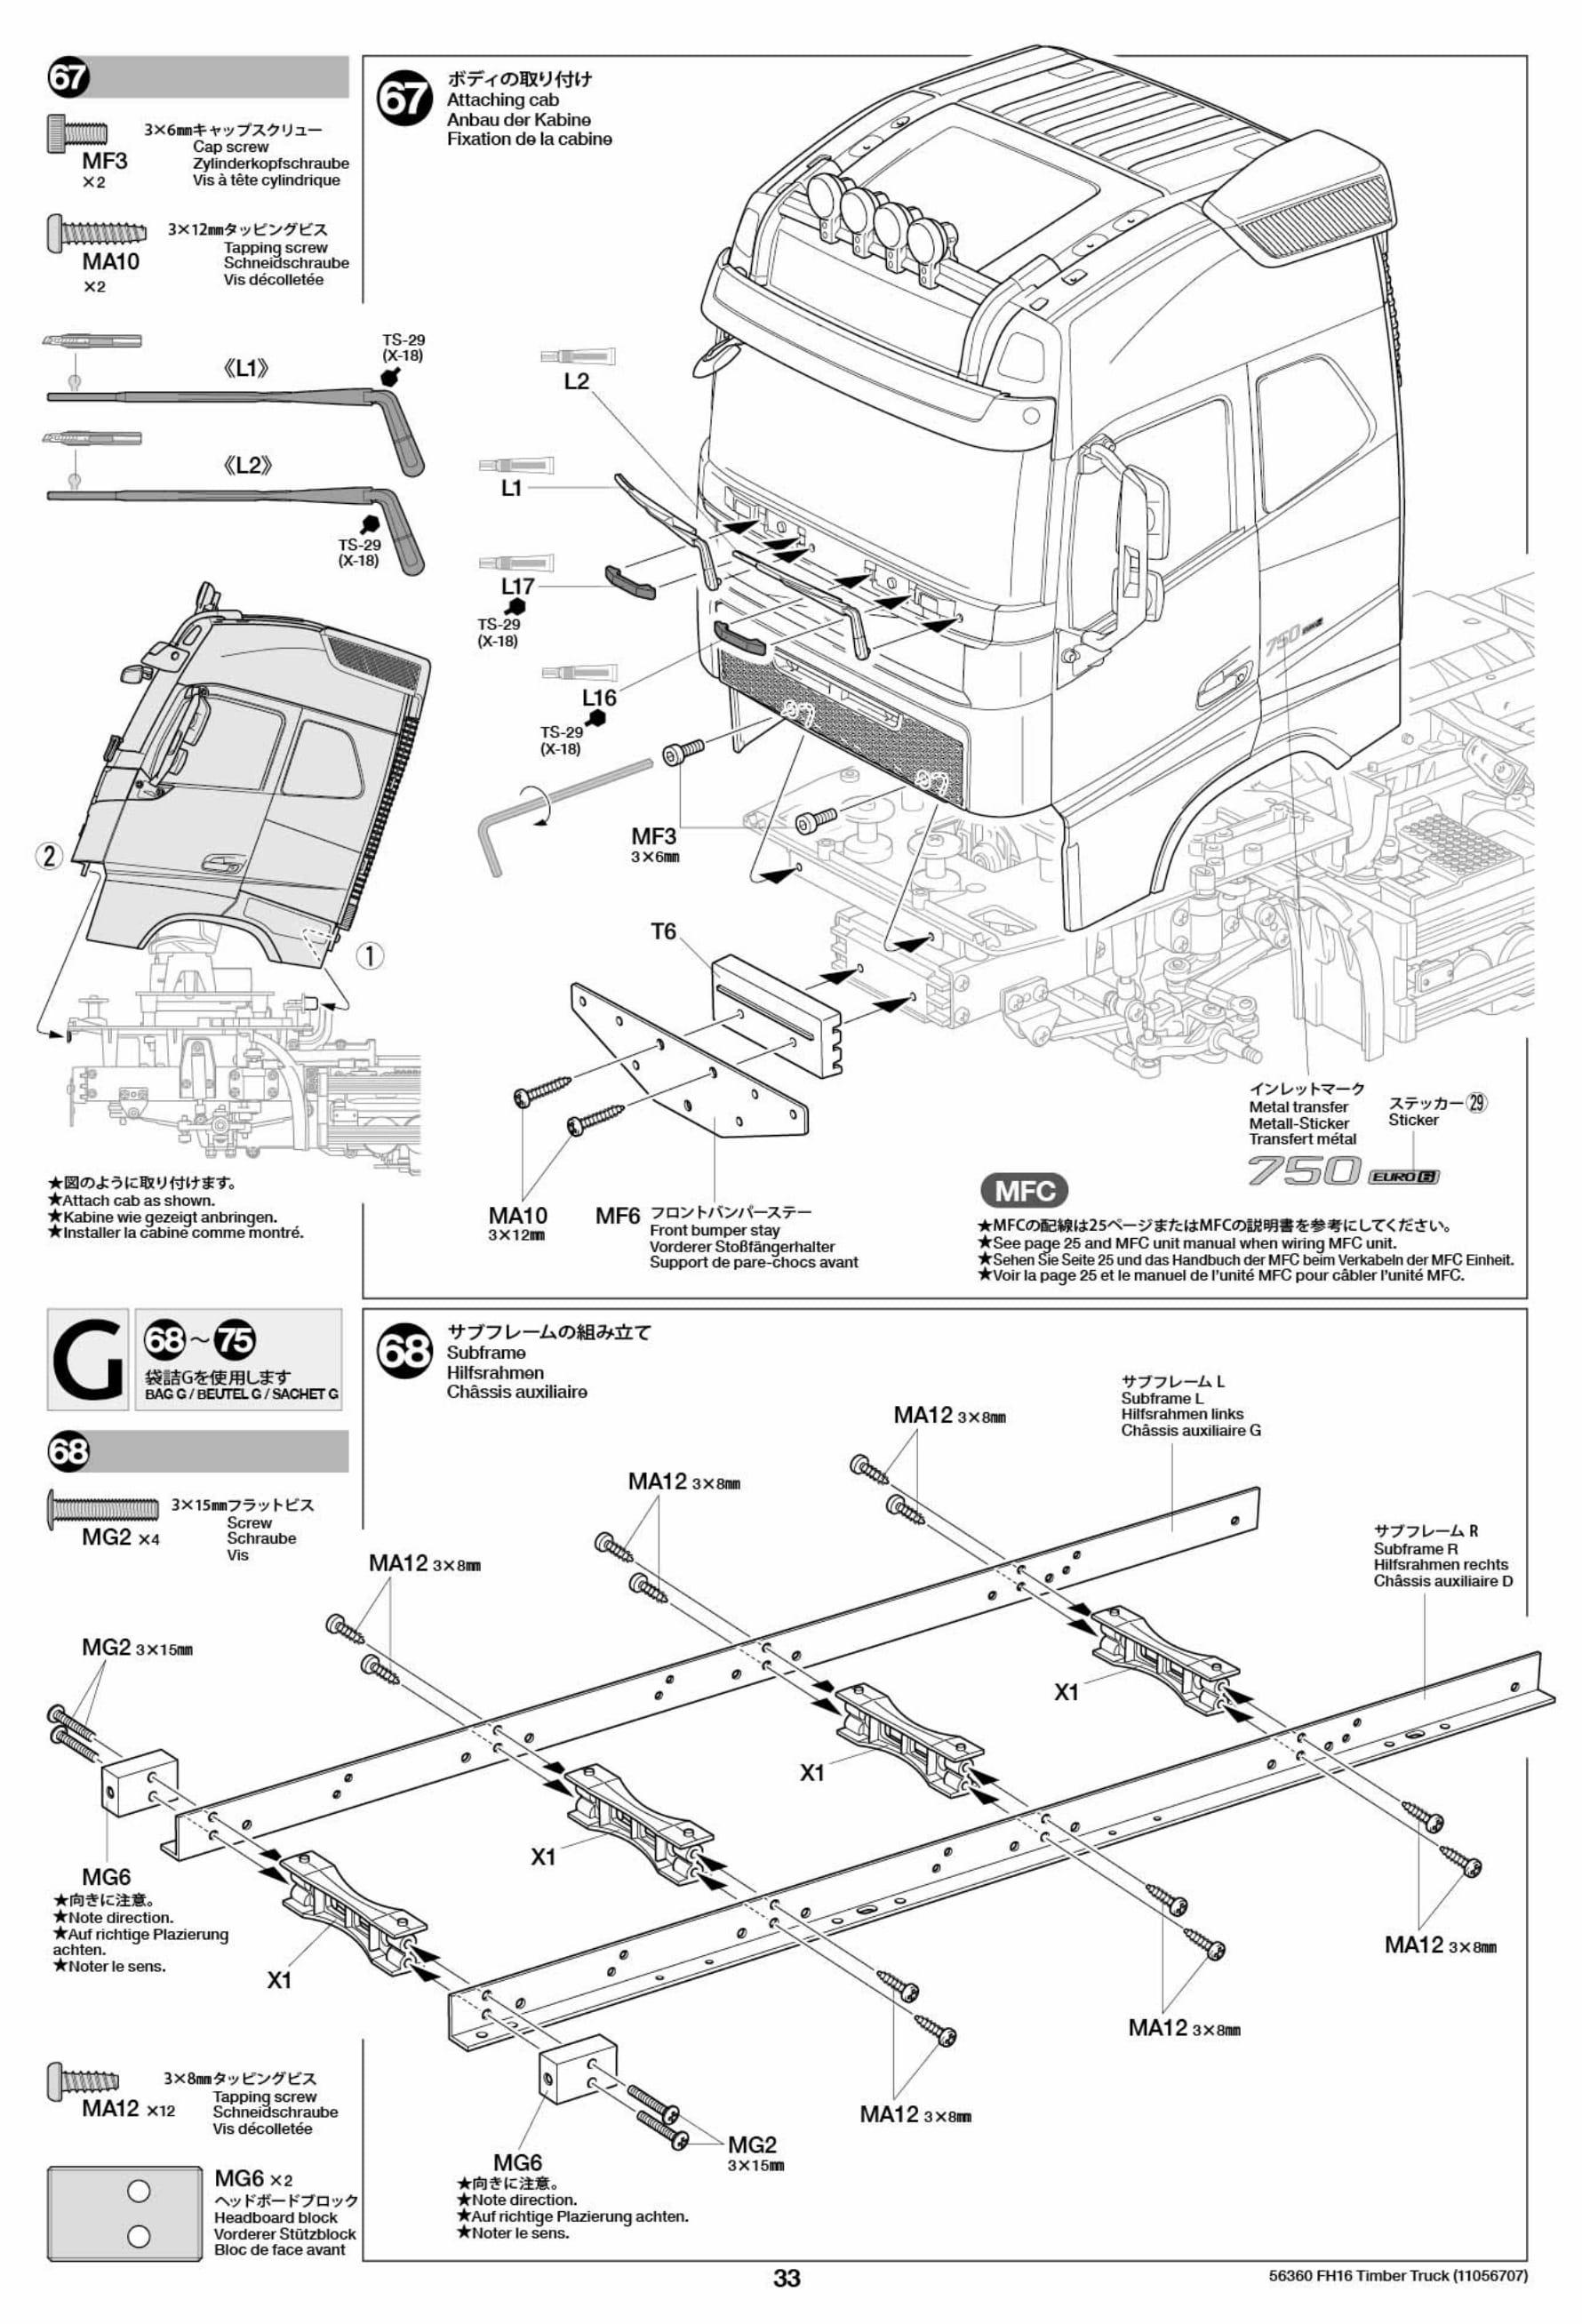 Wiring Diagram 110 Panther Wiring Diagram For Ml